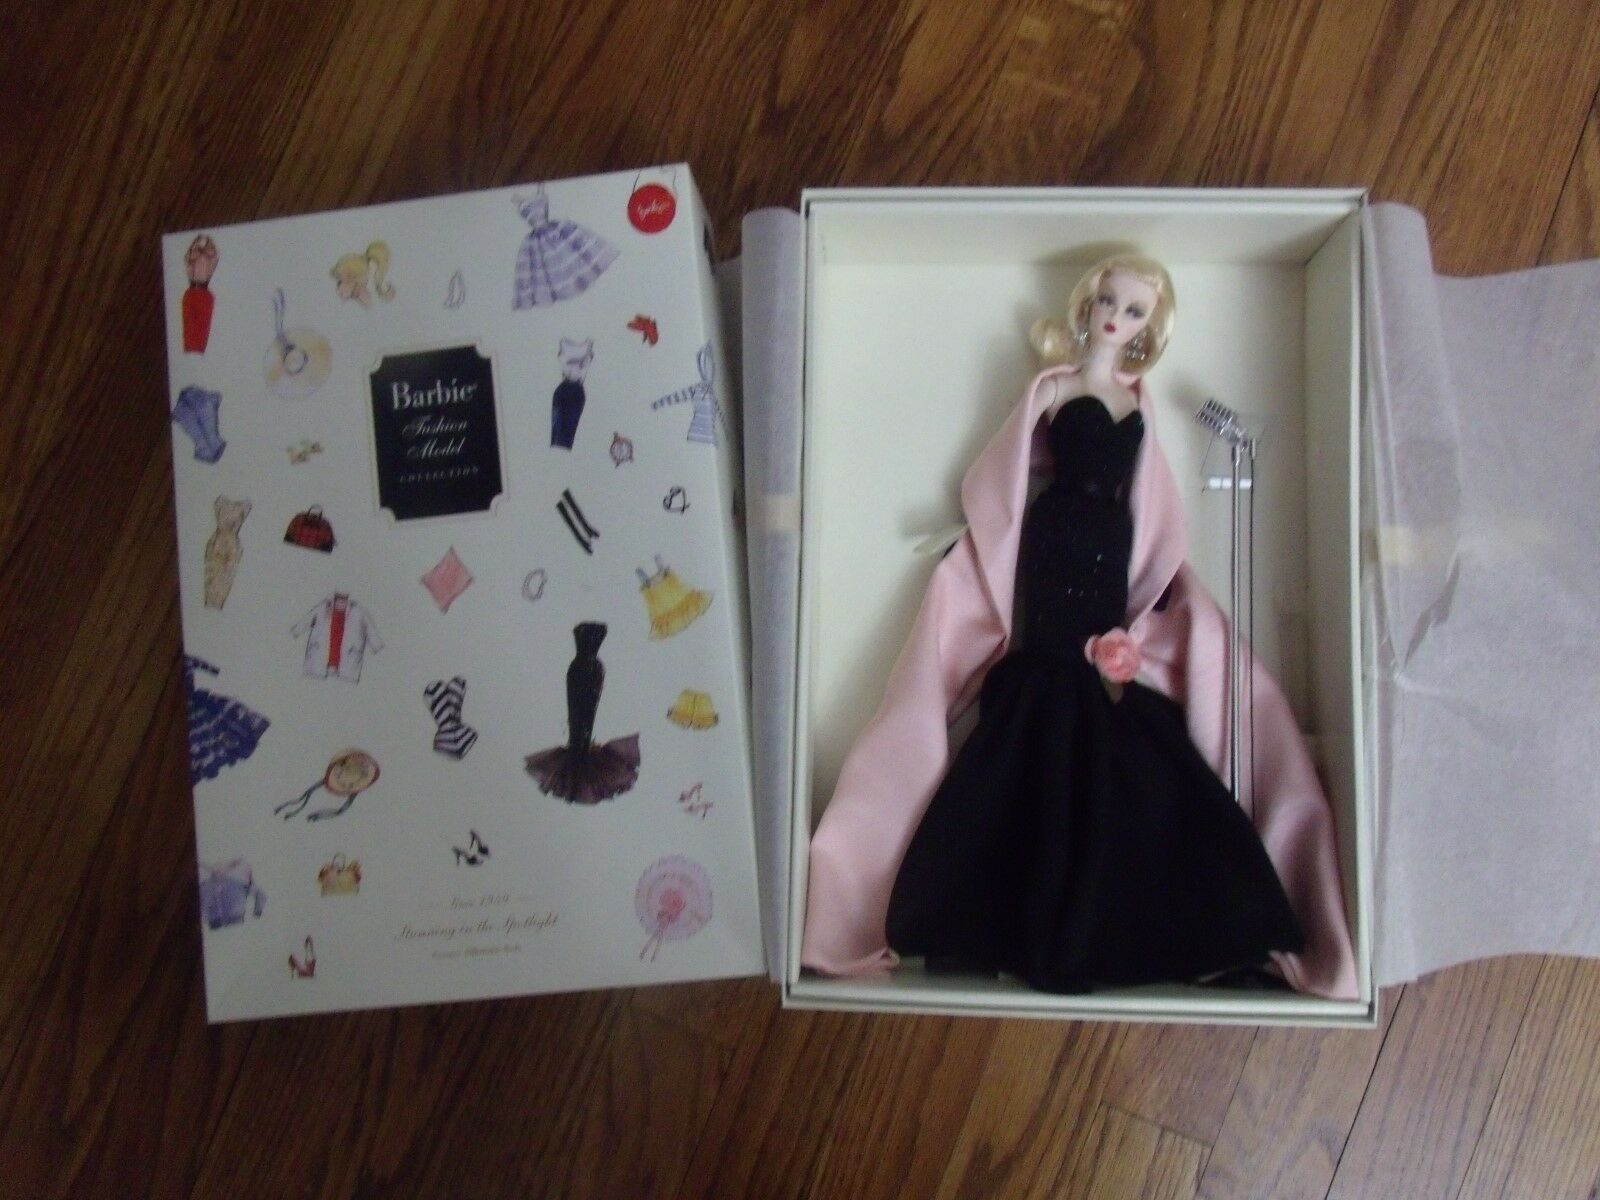 Impresionante en el centro de atención de Barbie Moda Modelo década de 2000 oro Label Robert Best